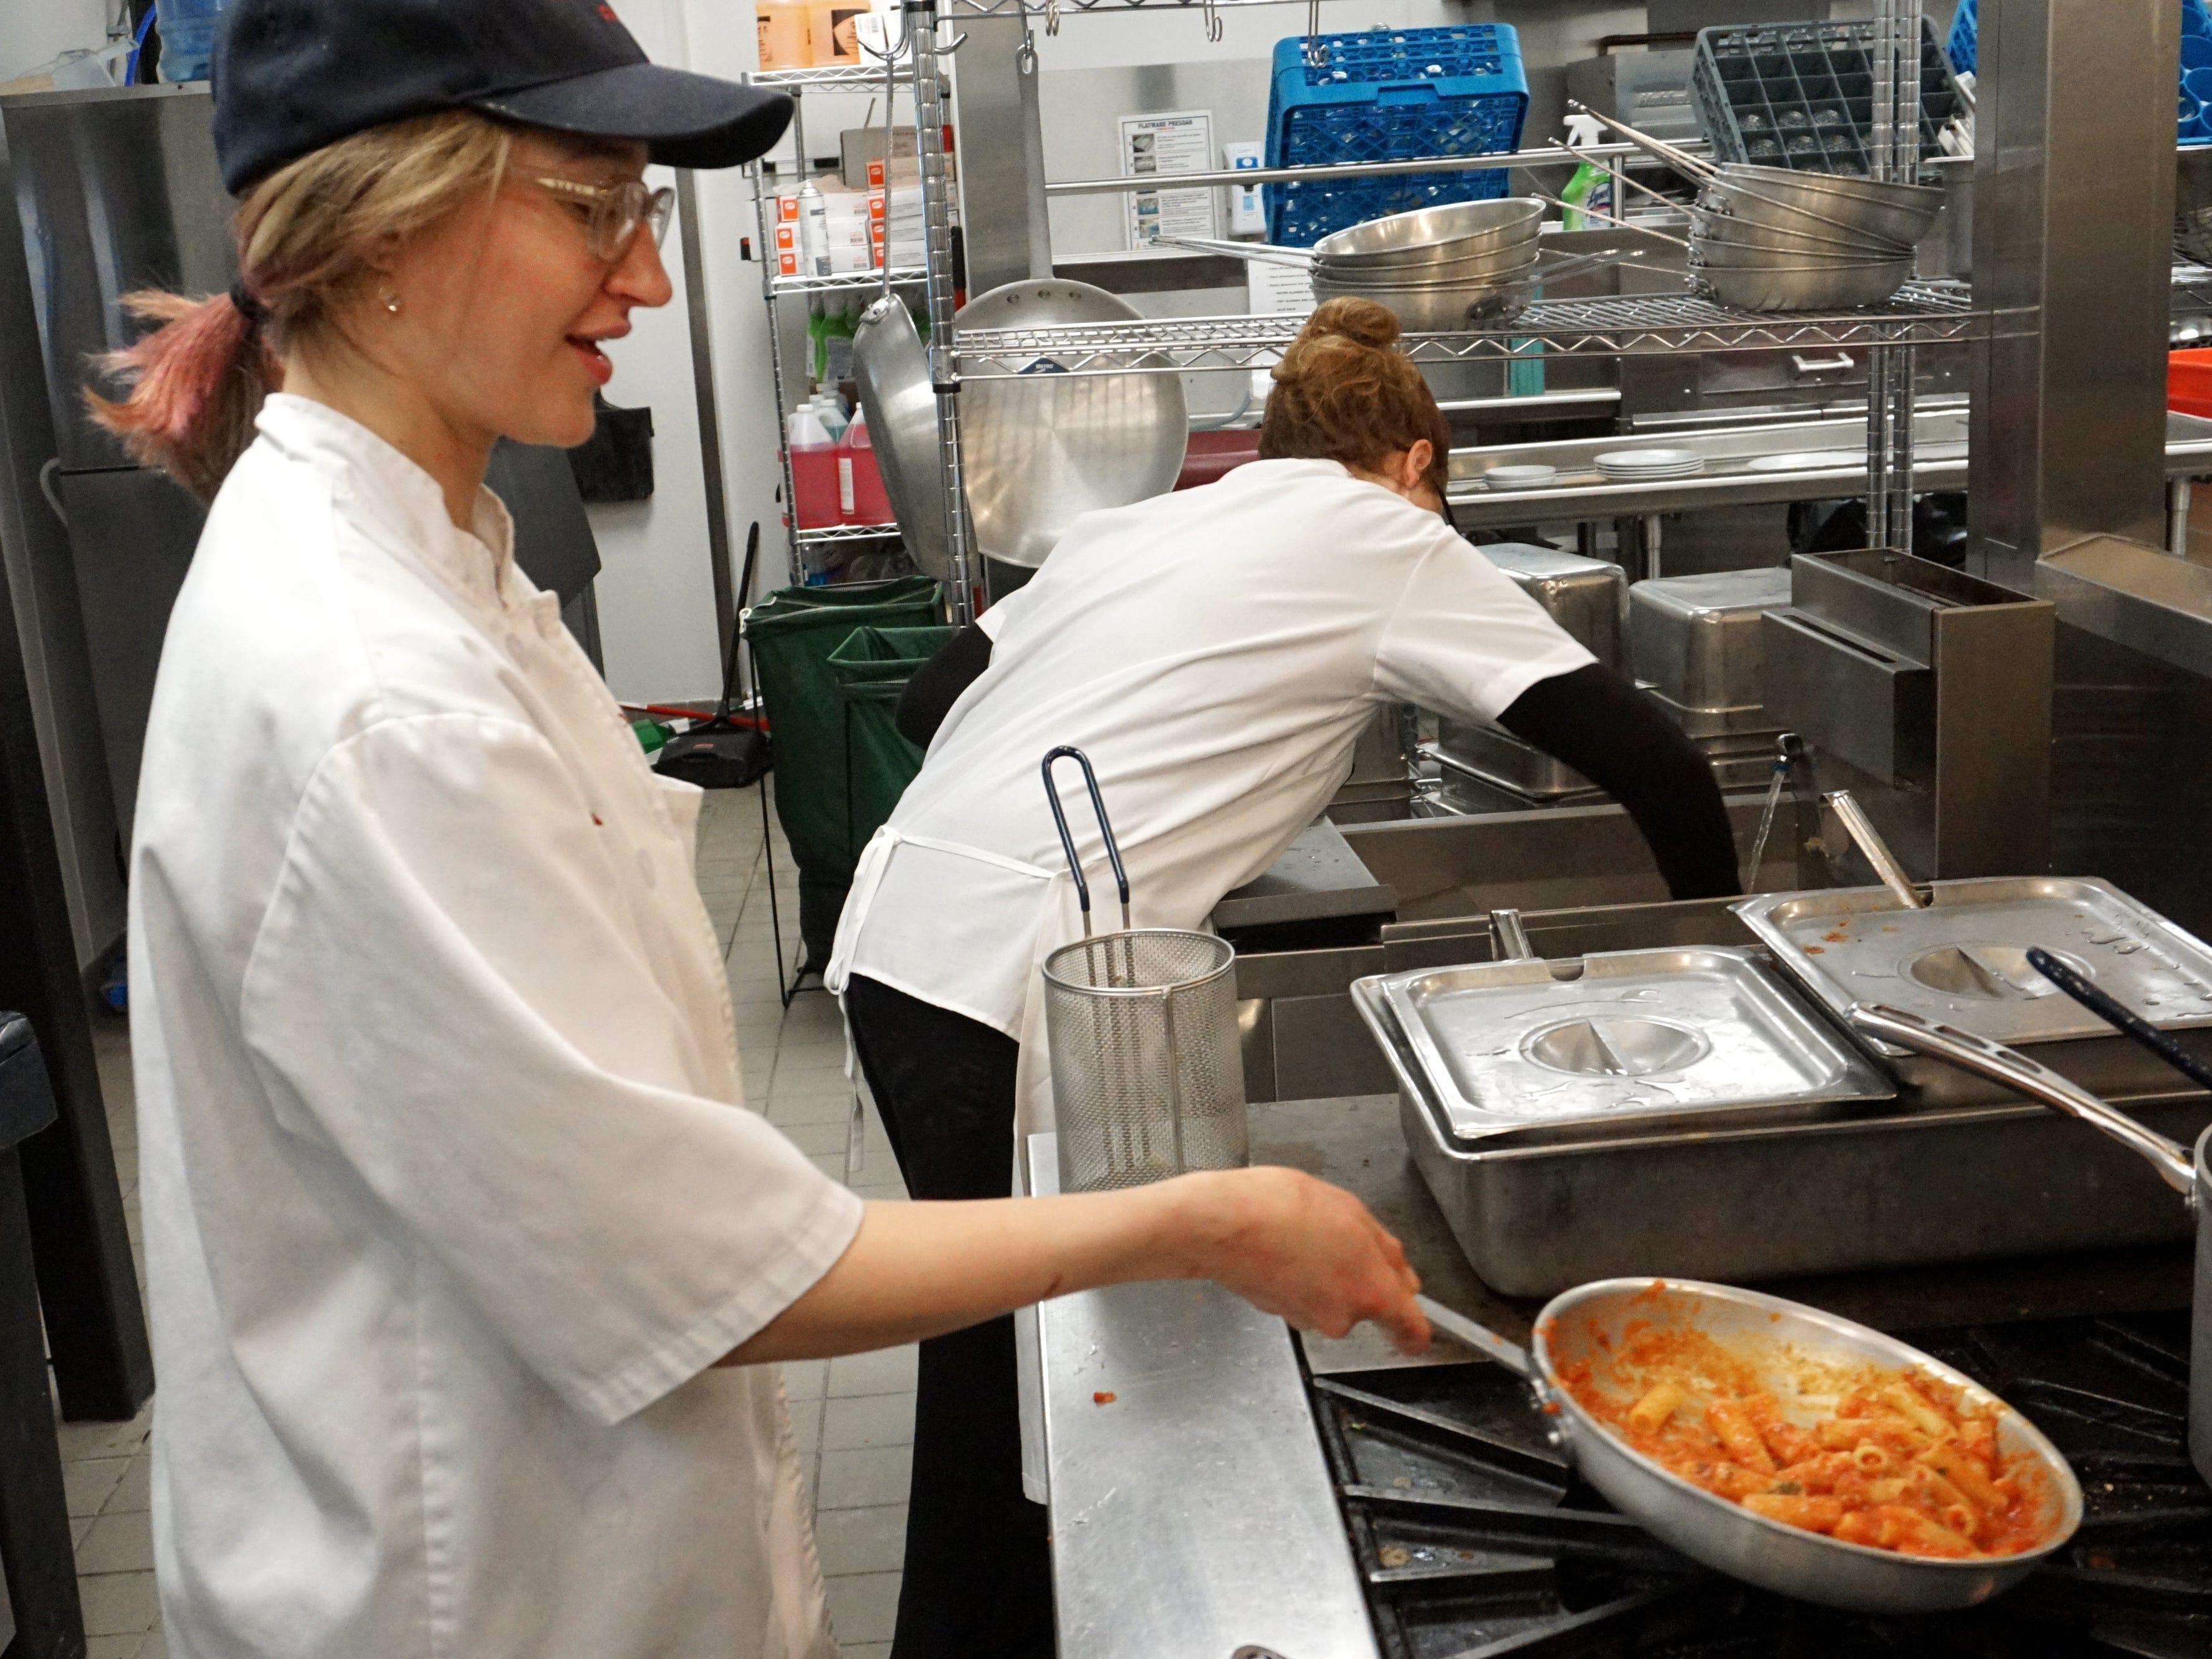 Bigalora chef Sydney Liepshutz works on some pasta that will go with a chicken parmesan dish.